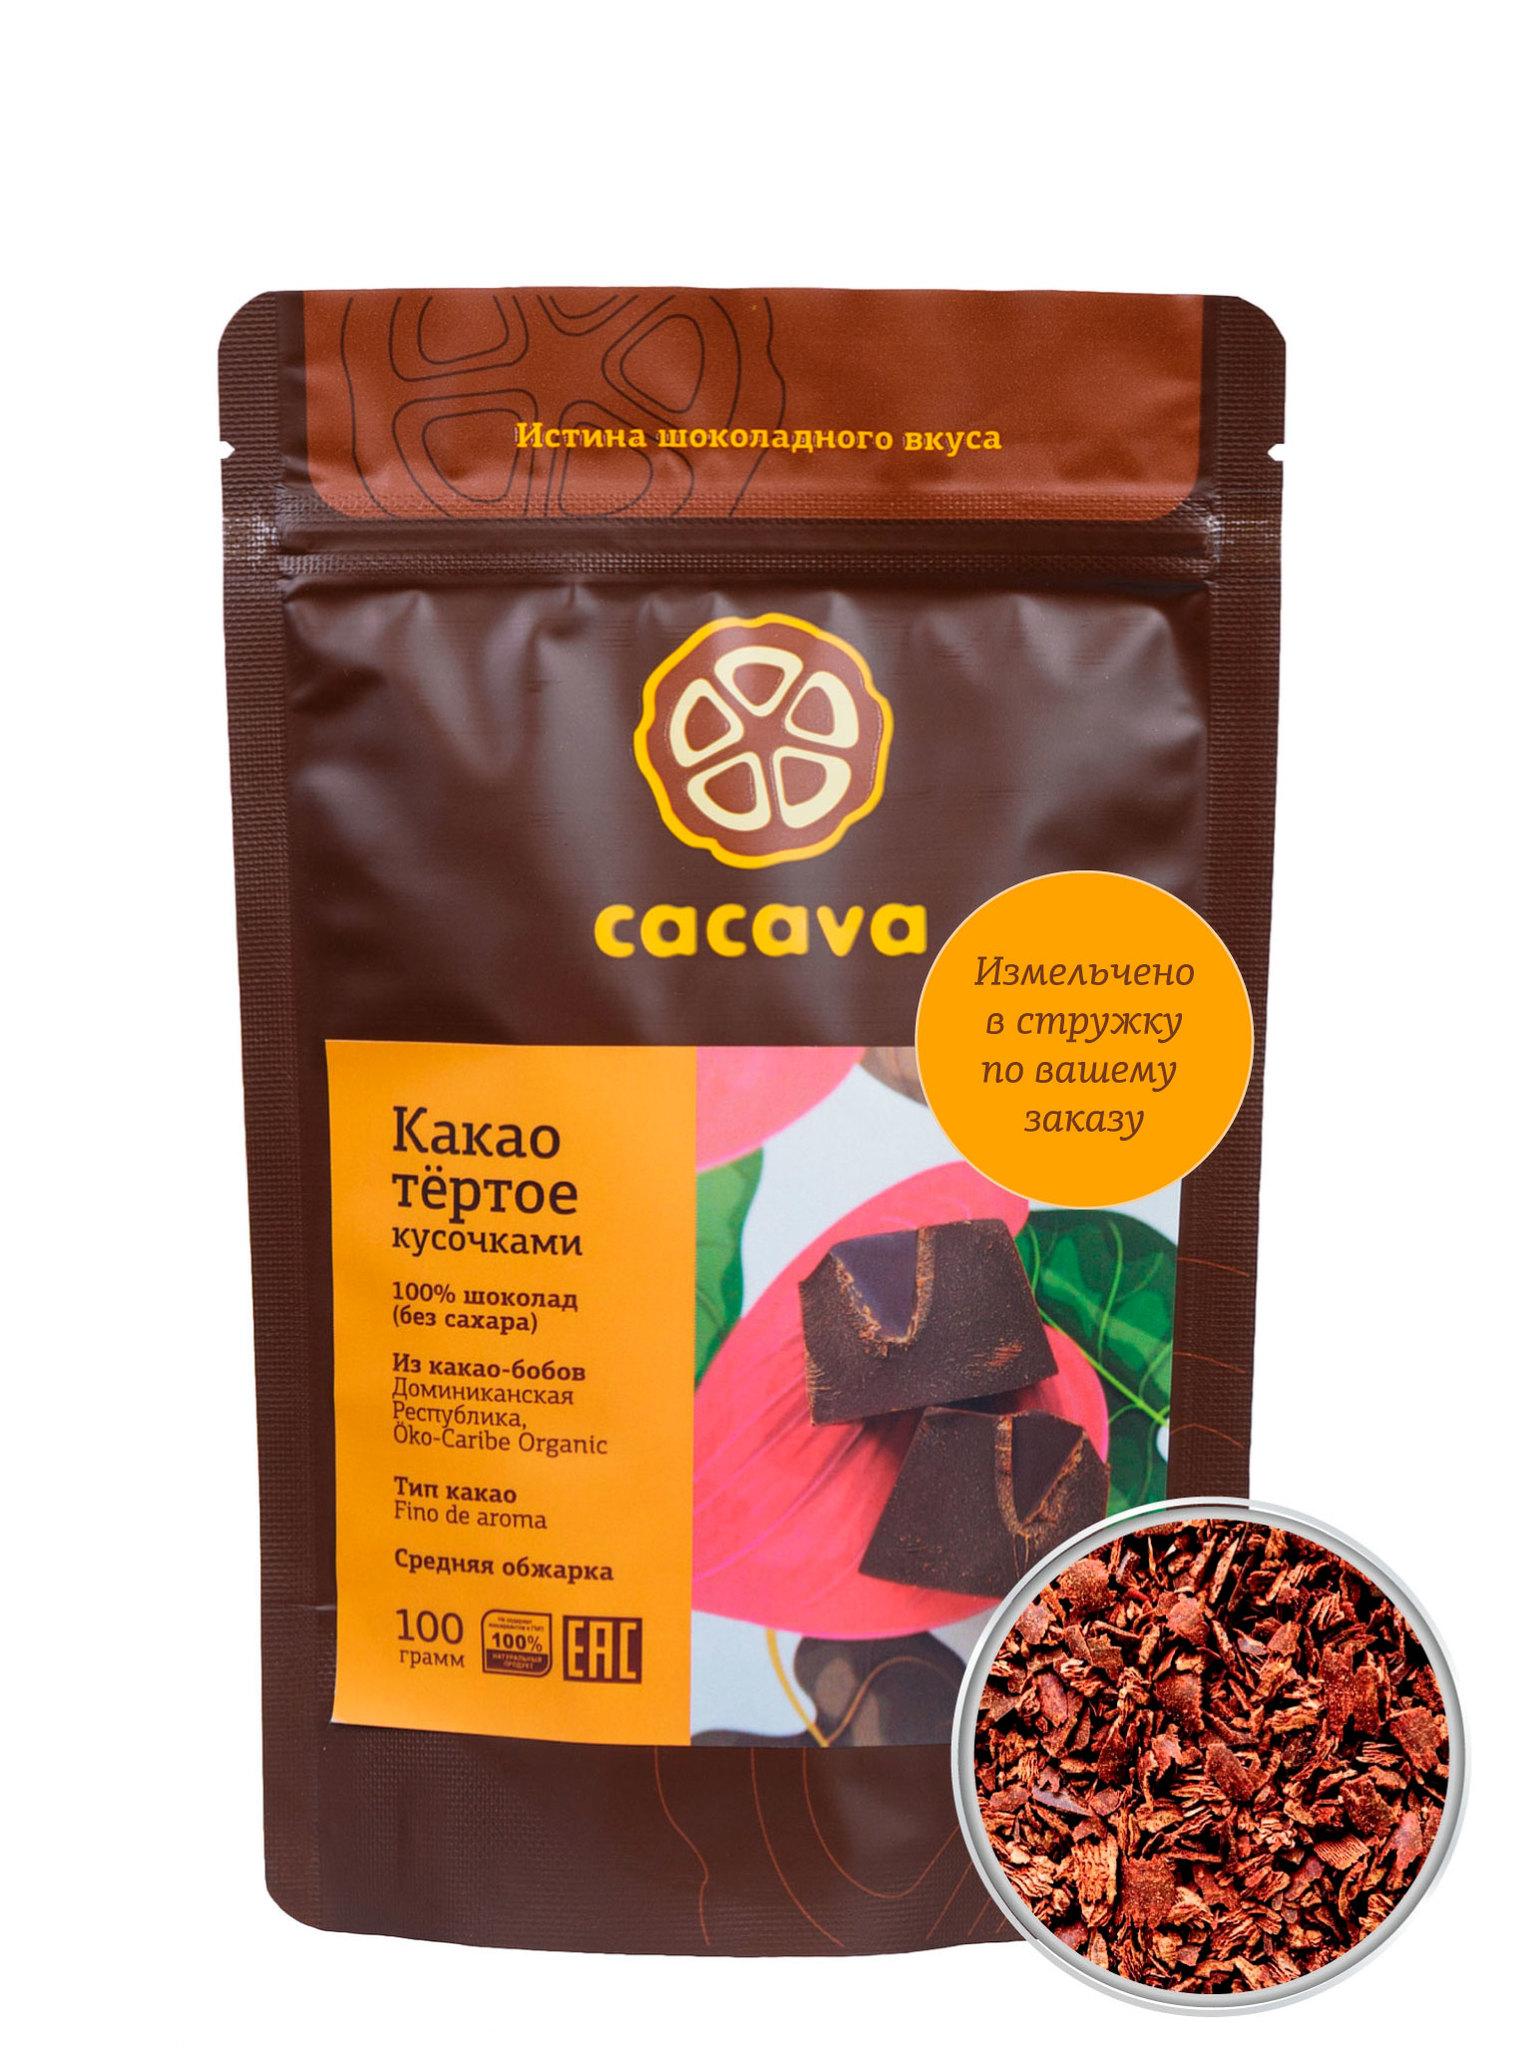 Какао тёртое в стружке (Доминикана, ÖKO CARIBE), упаковка 100 грамм